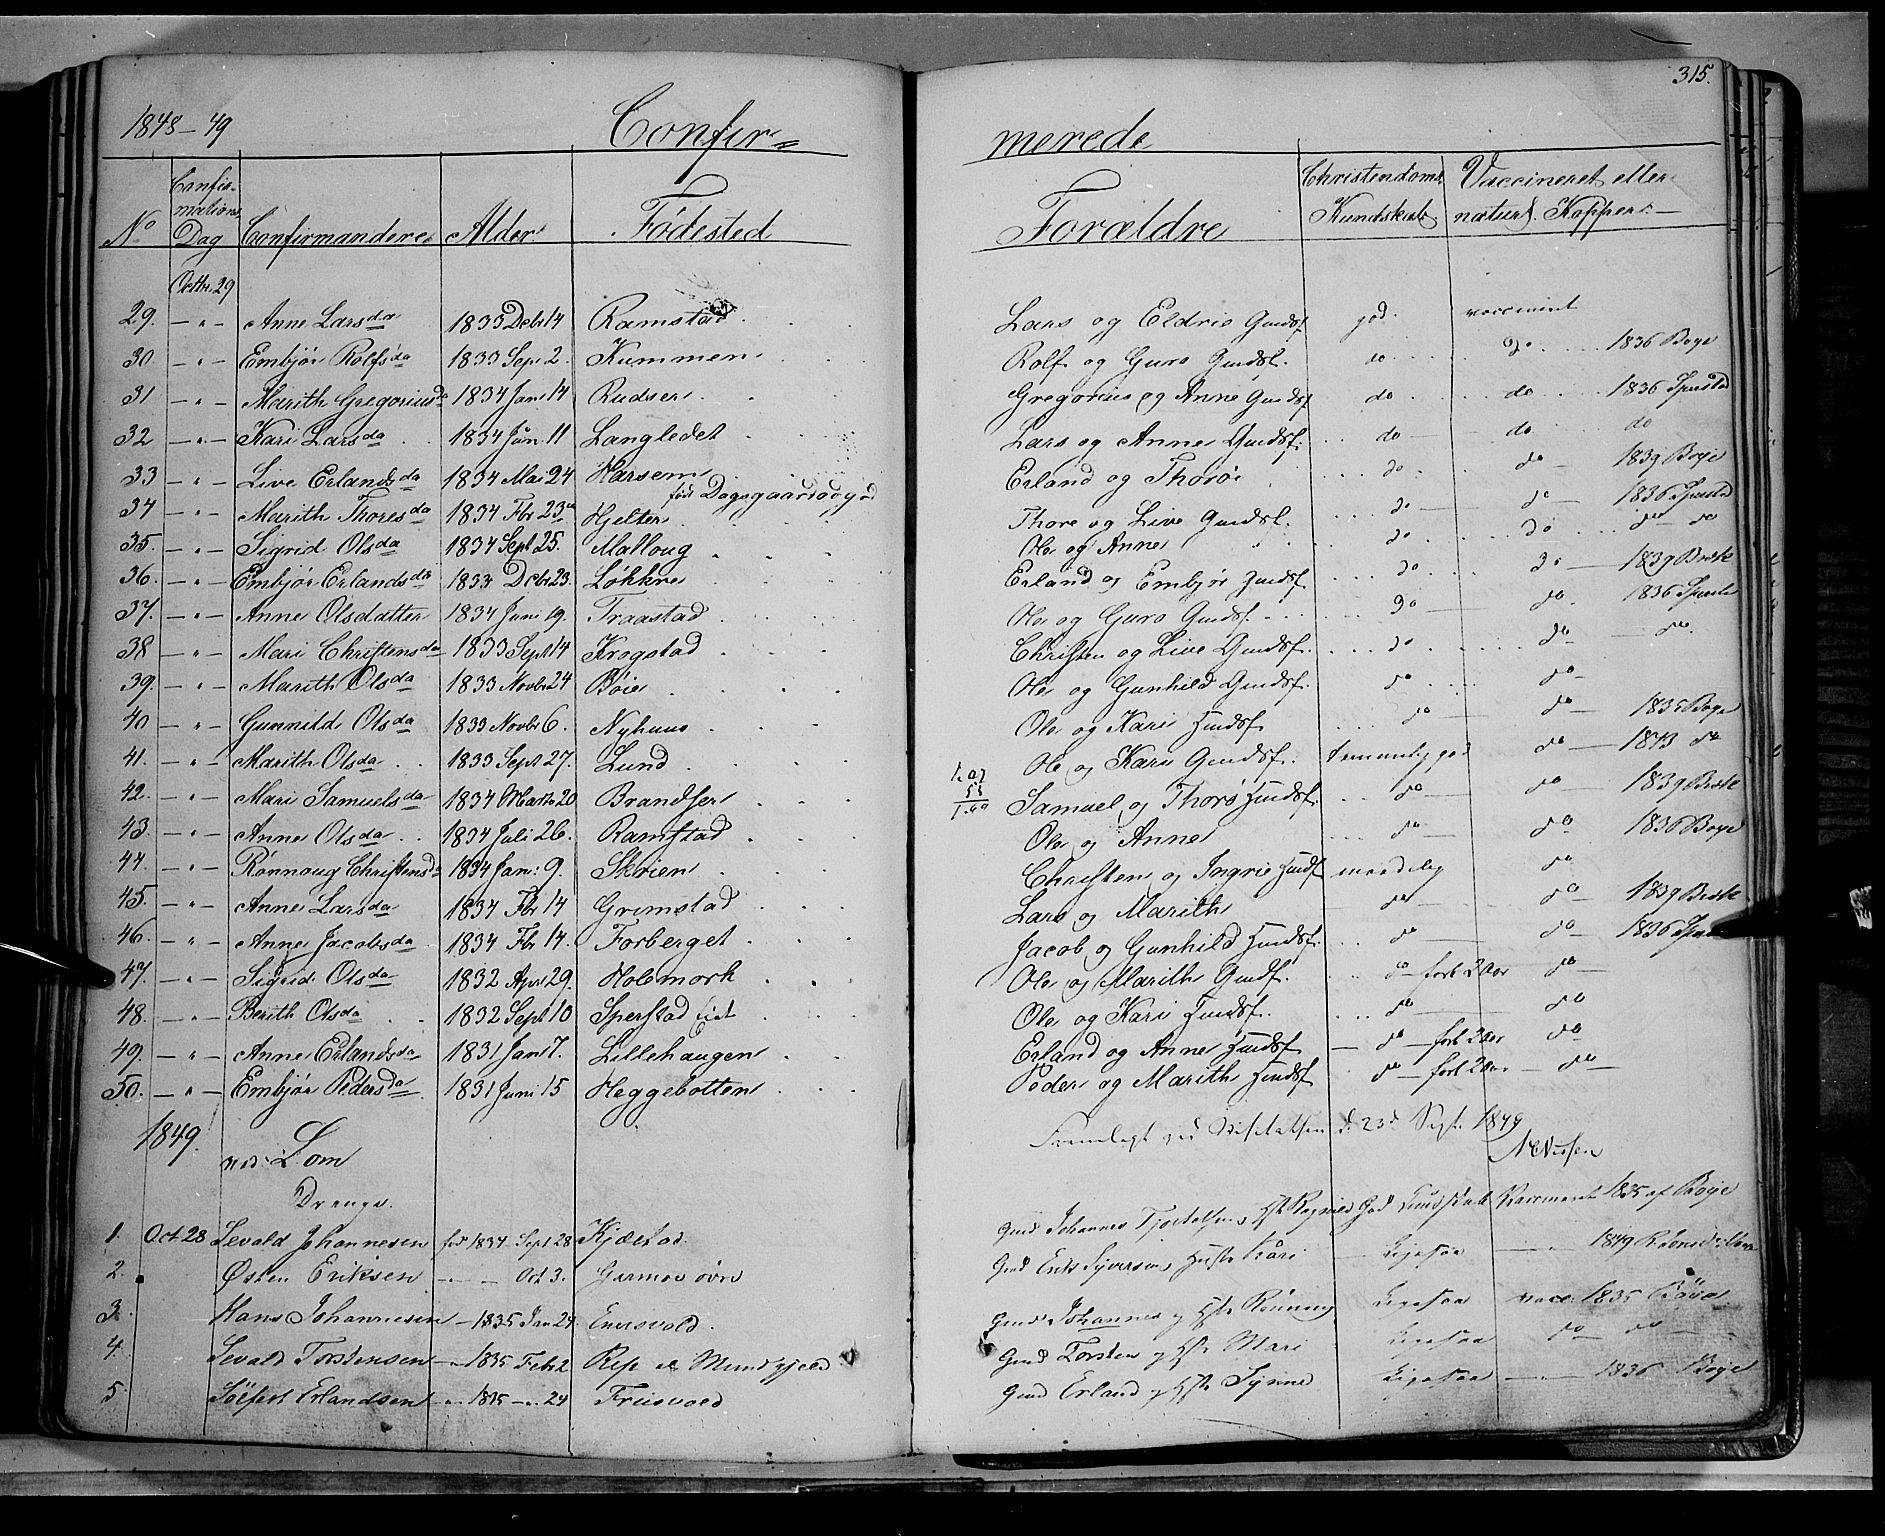 SAH, Lom prestekontor, K/L0006: Ministerialbok nr. 6A, 1837-1863, s. 315